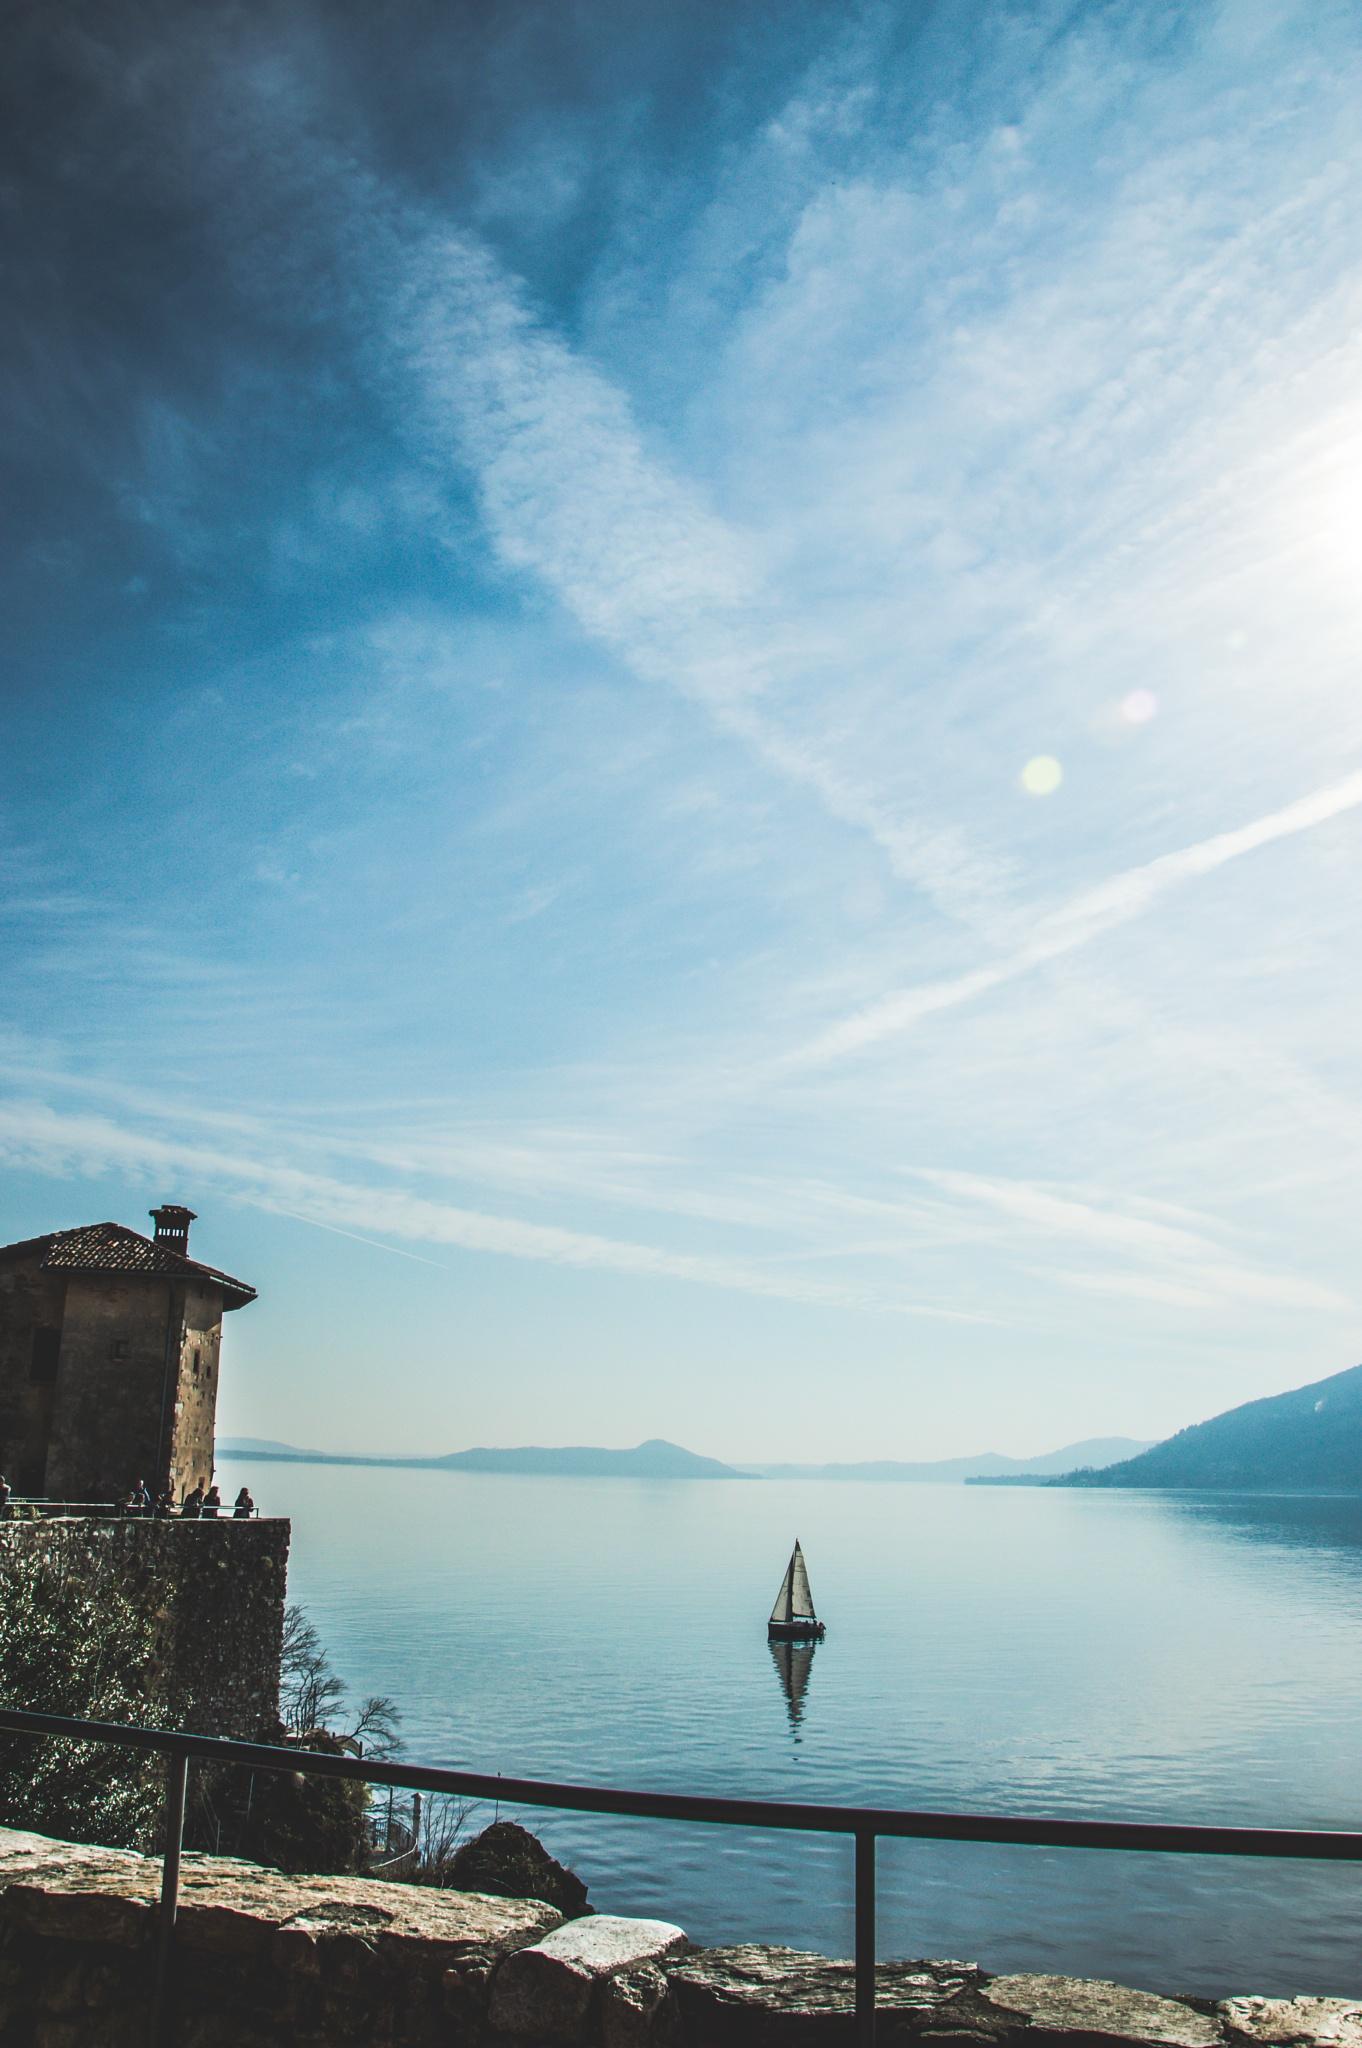 Lake Maggiore by gennaro.riccio